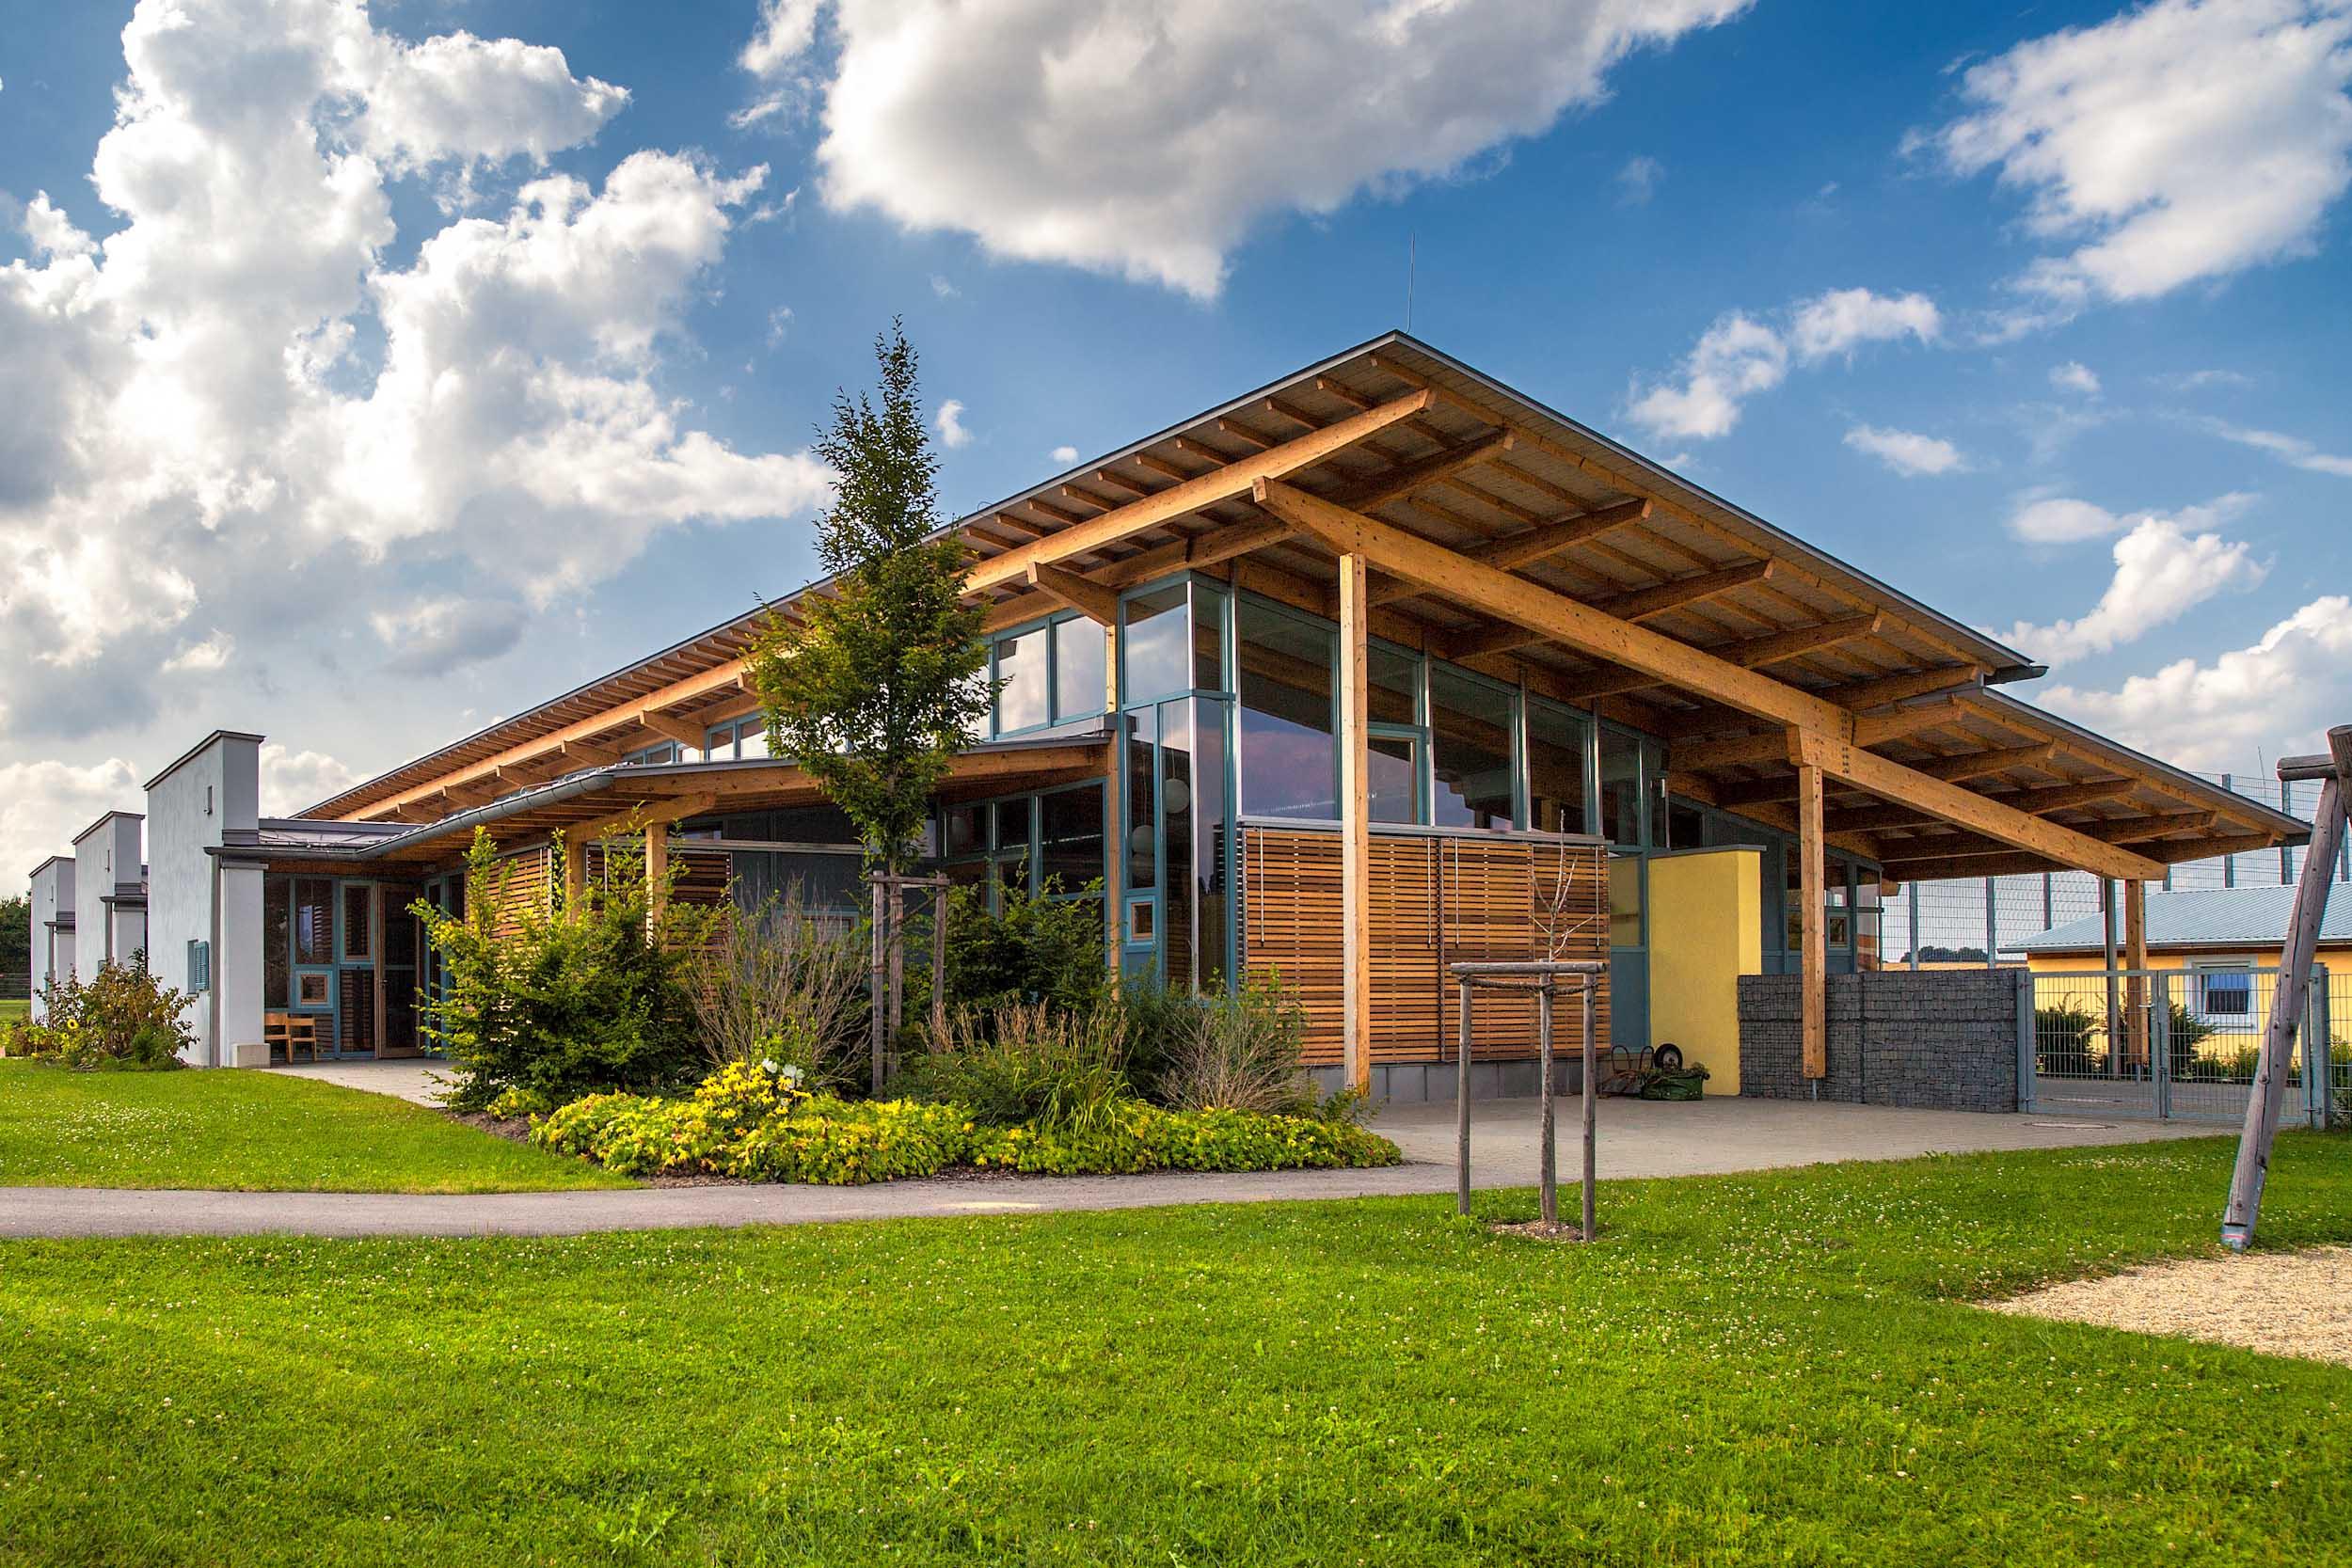 Endter Architektur im öffentlichen Bau: Kindergarten, Außenansicht ...